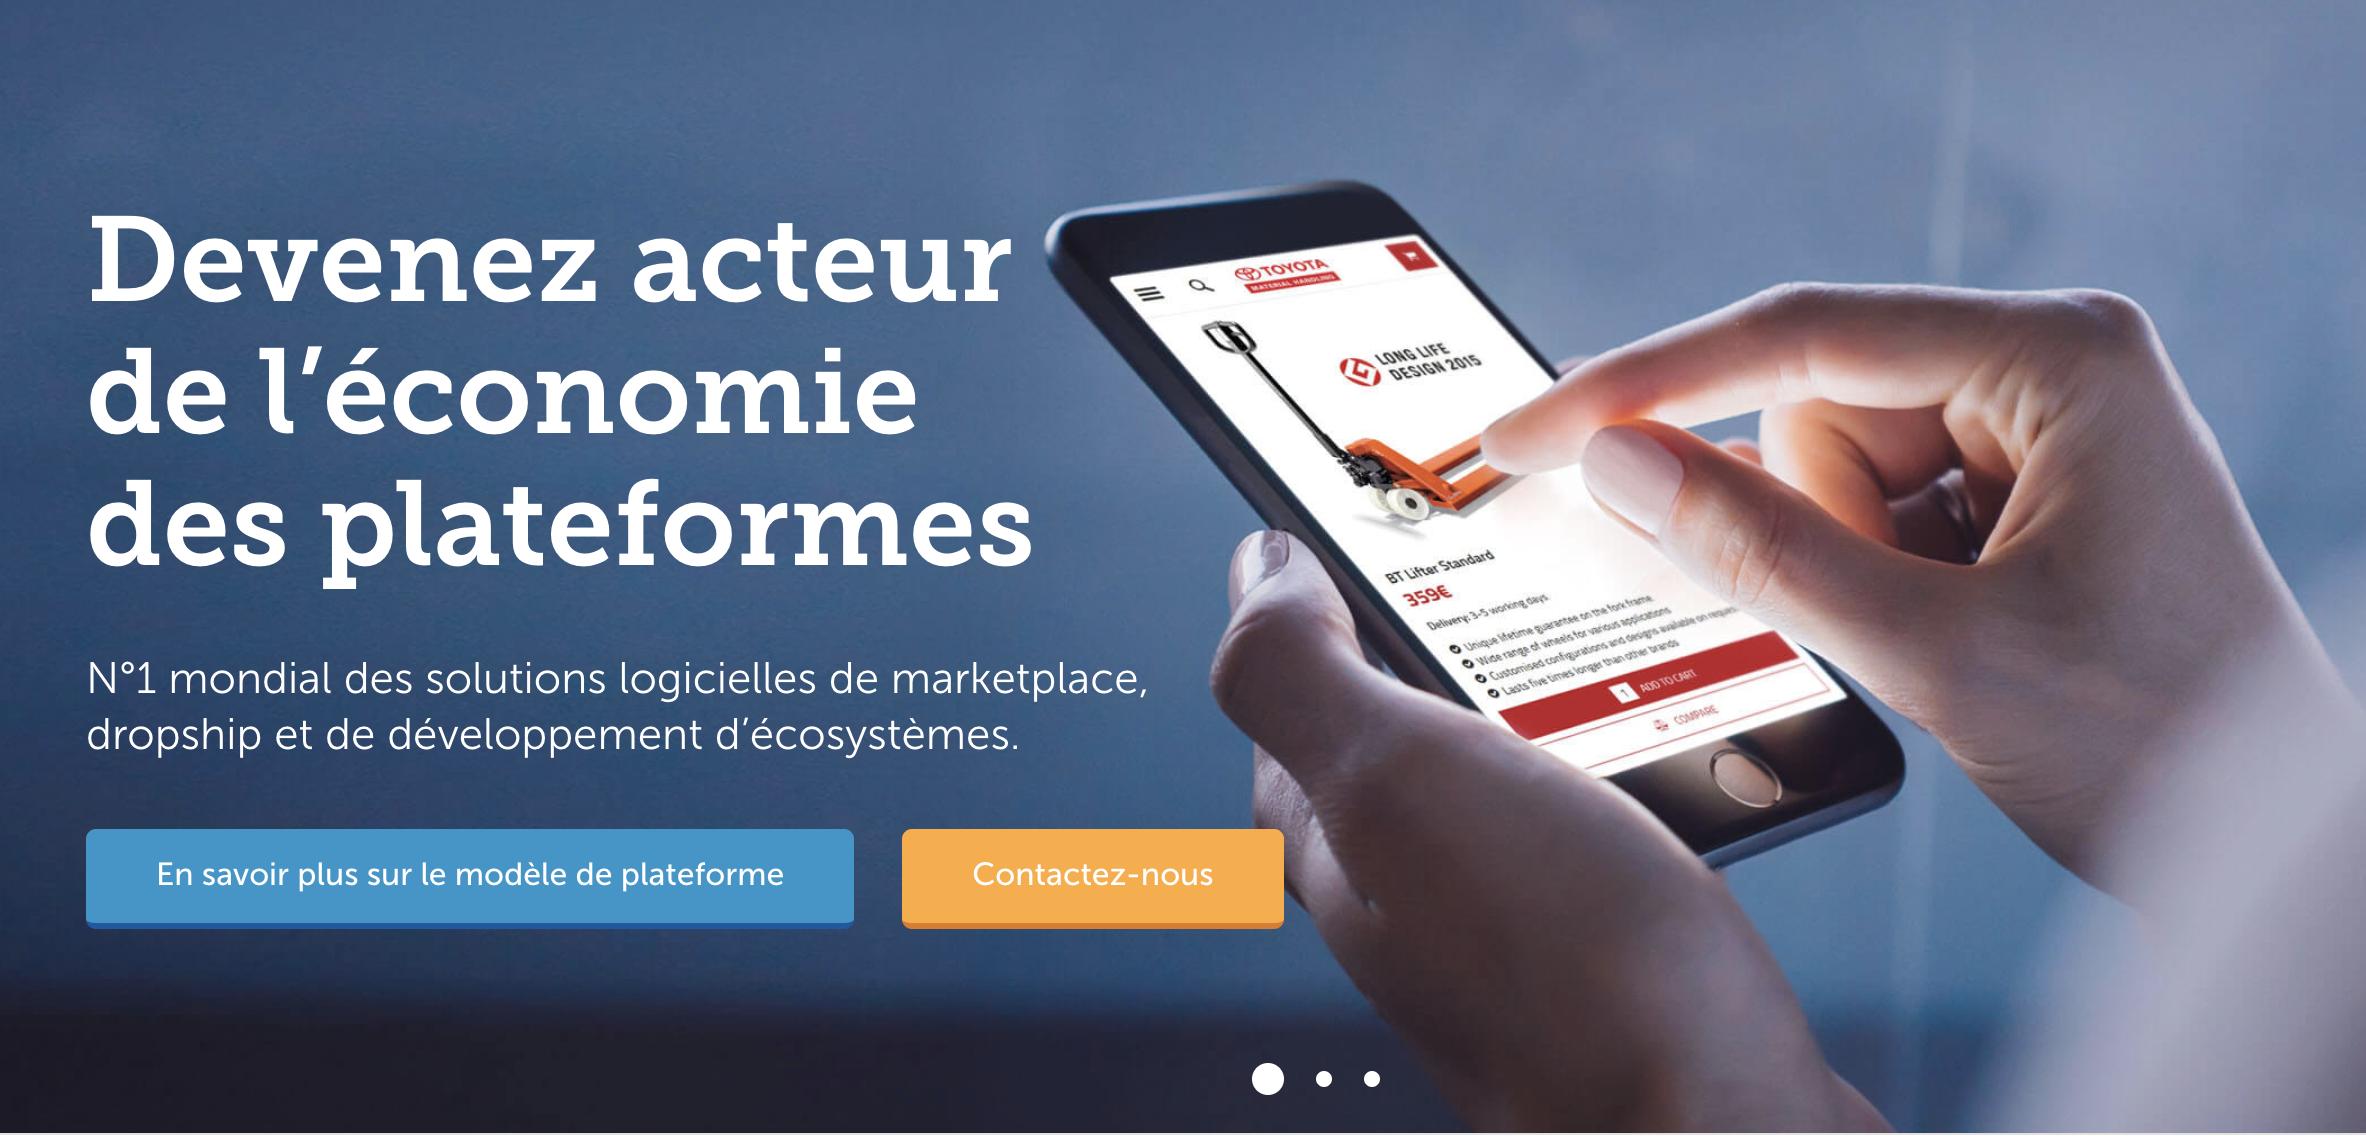 Méga-levée de 255 millions pour Mirakl, nouveau record de la French Tech